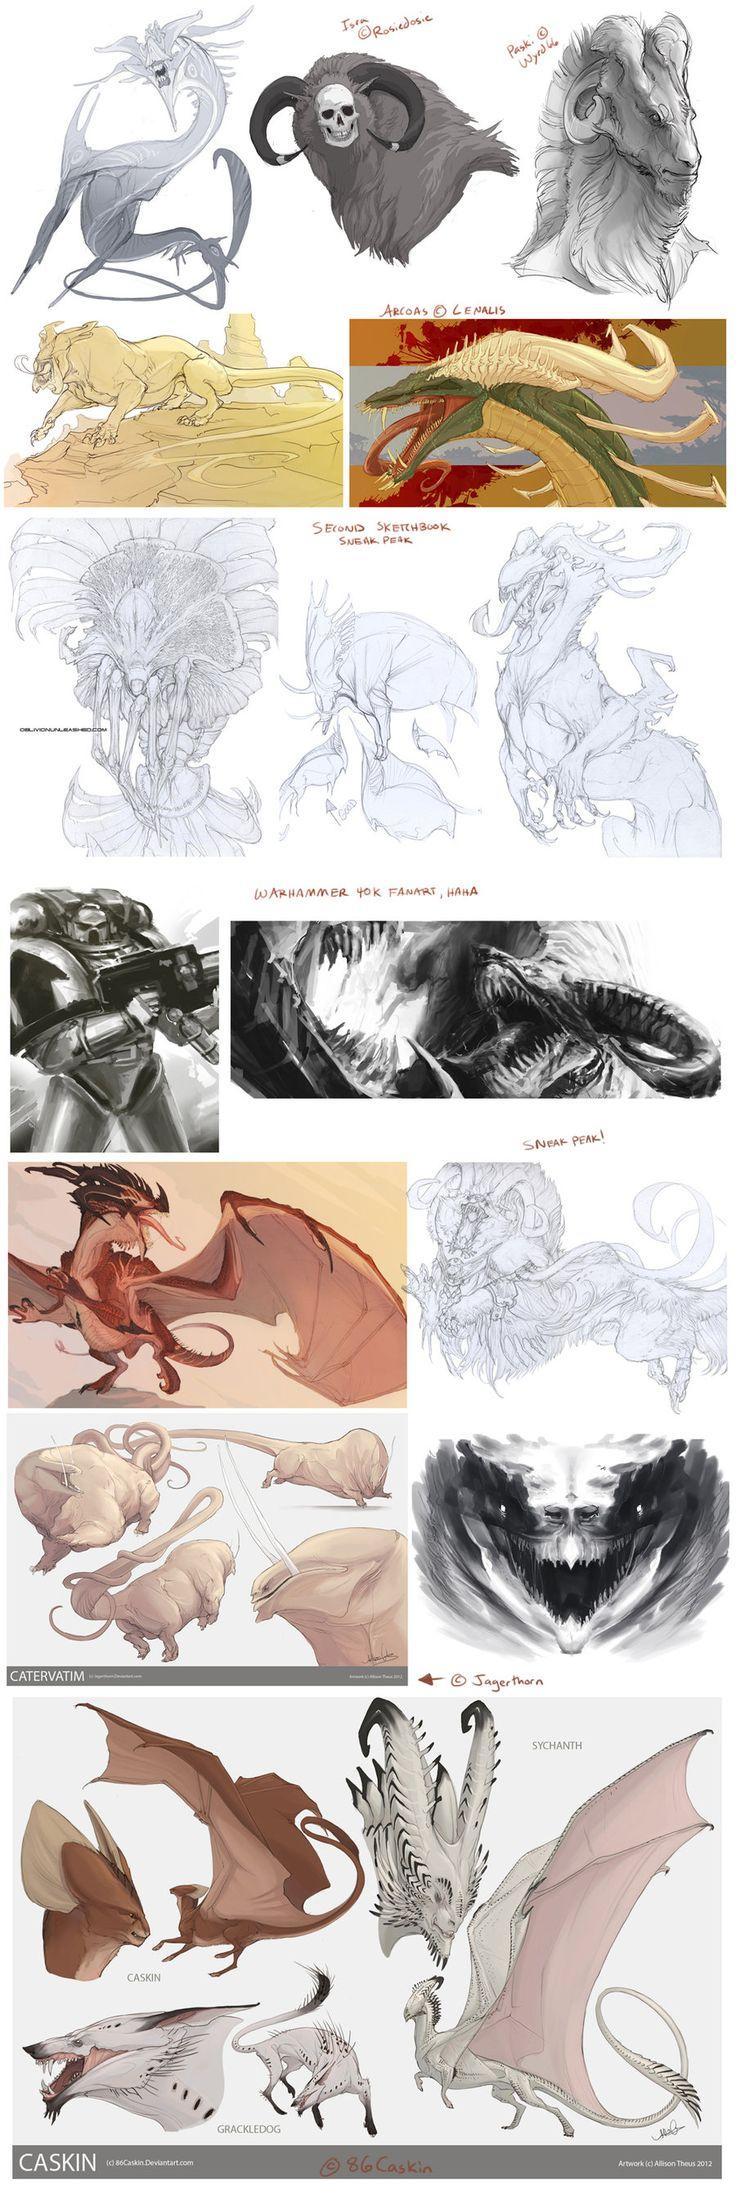 Creature Sketchdump 2 by *beastofoblivion on deviantART